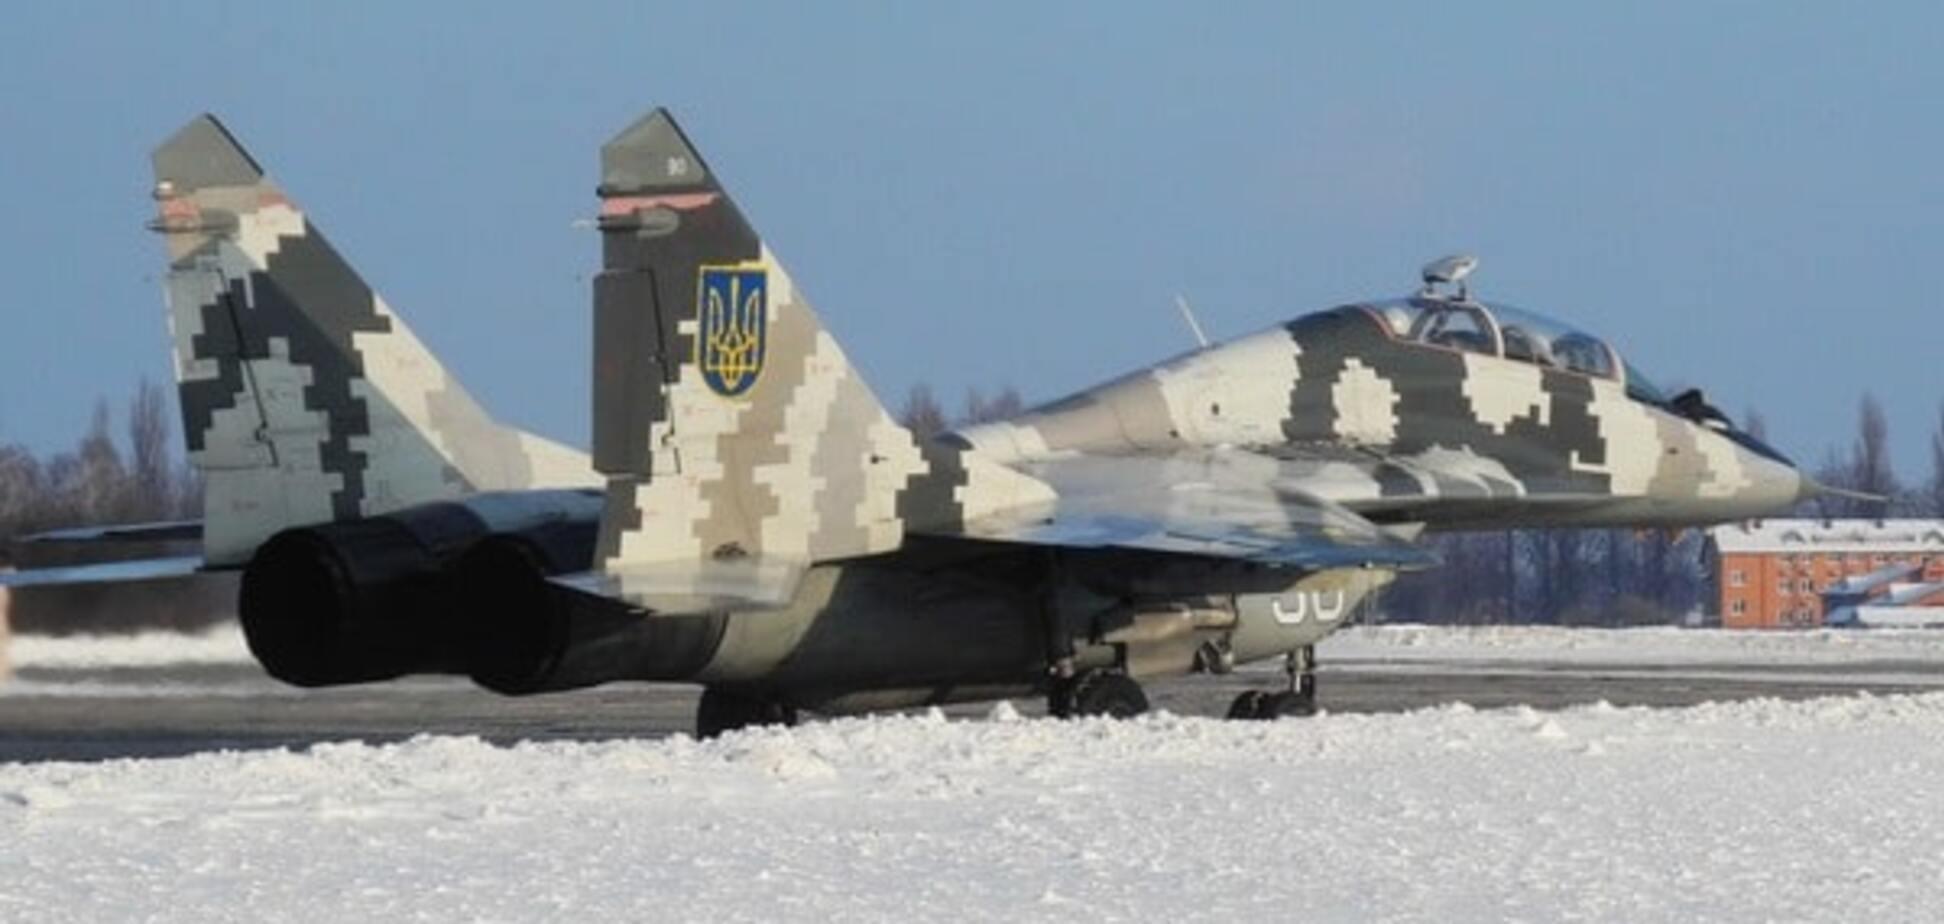 Хозяева неба: украинские боевые самолеты показали высший пилотаж. Фоторепортаж